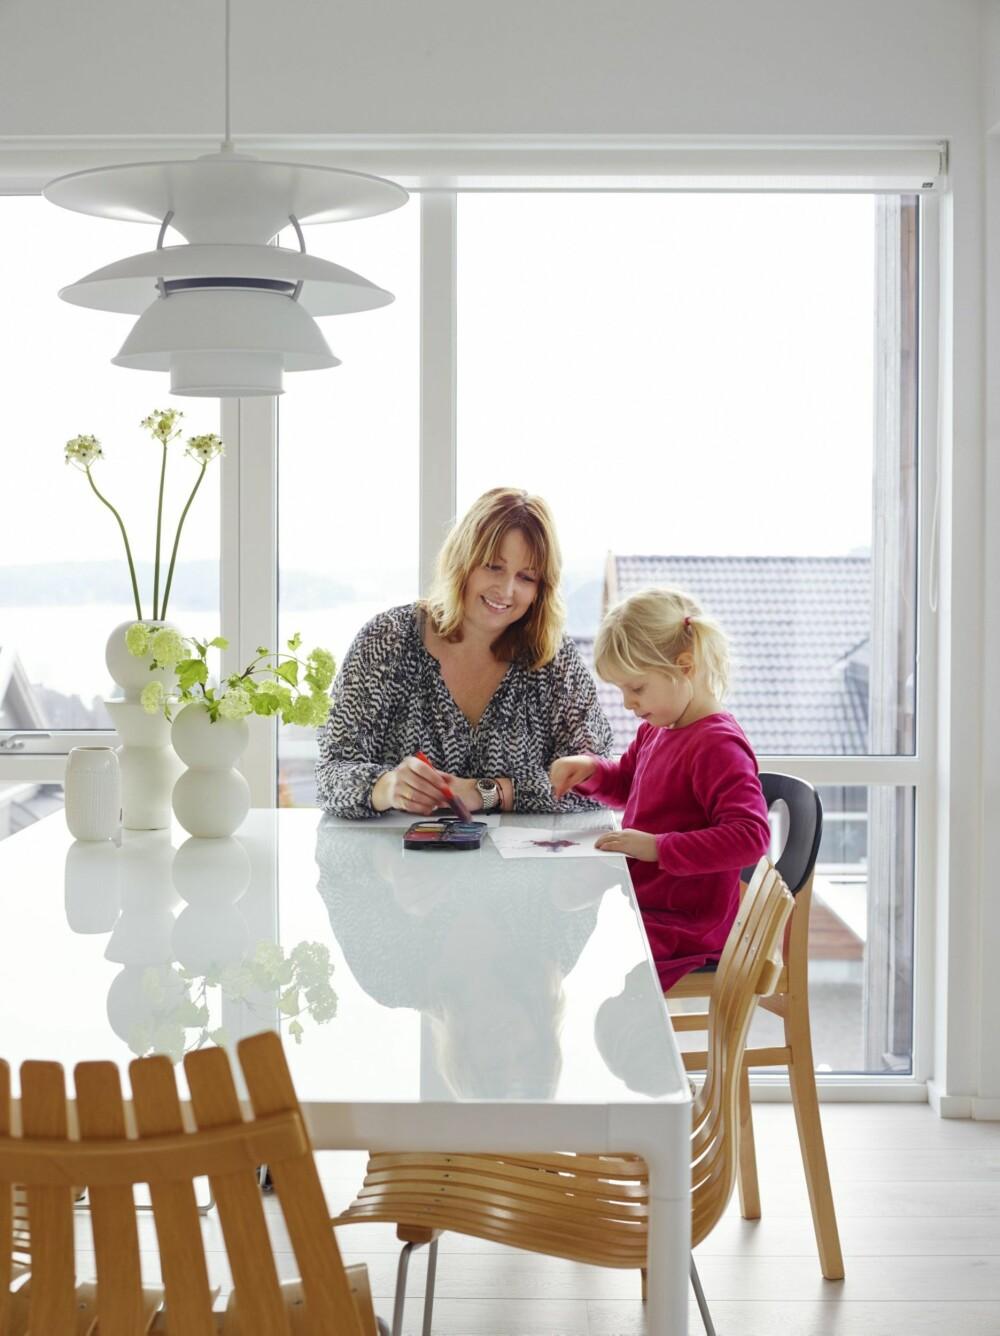 FINT LYS: Janne og datteren Olivia ved spisebordet fra danske Danerka, med nedfelt glassplate. Scandia-stolene er en norsk klassiker, designet i 1957 av Hans Brattrud. Blomstervaser fra Ferm Living og PH-lampe fra Louis Poulsen.